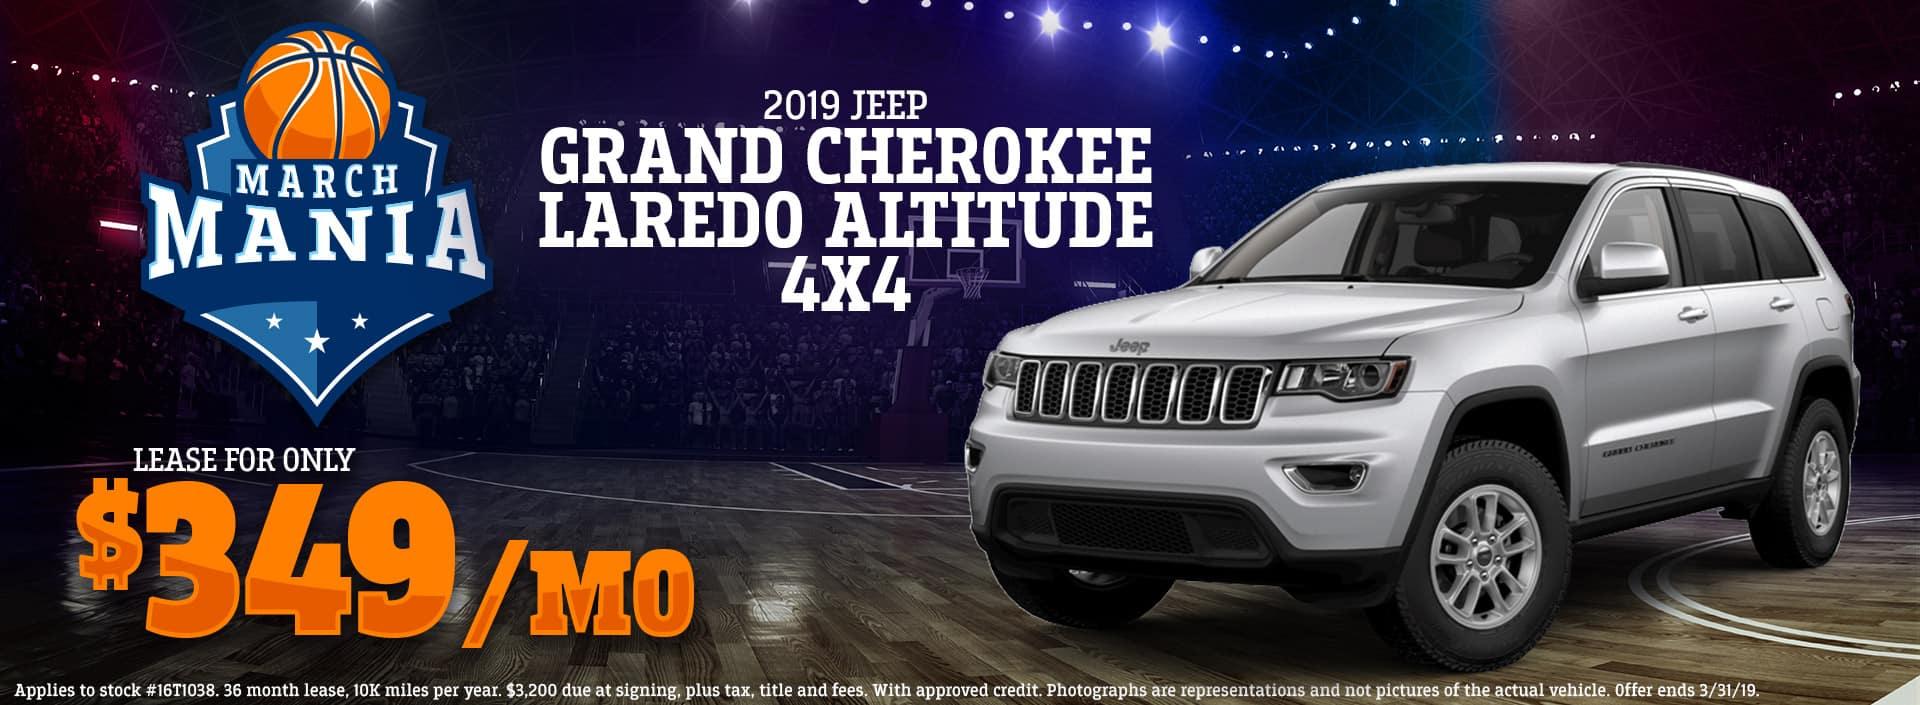 3.19 - 2019 Jeep Grand Cherokee Laredo Altitude 4x4